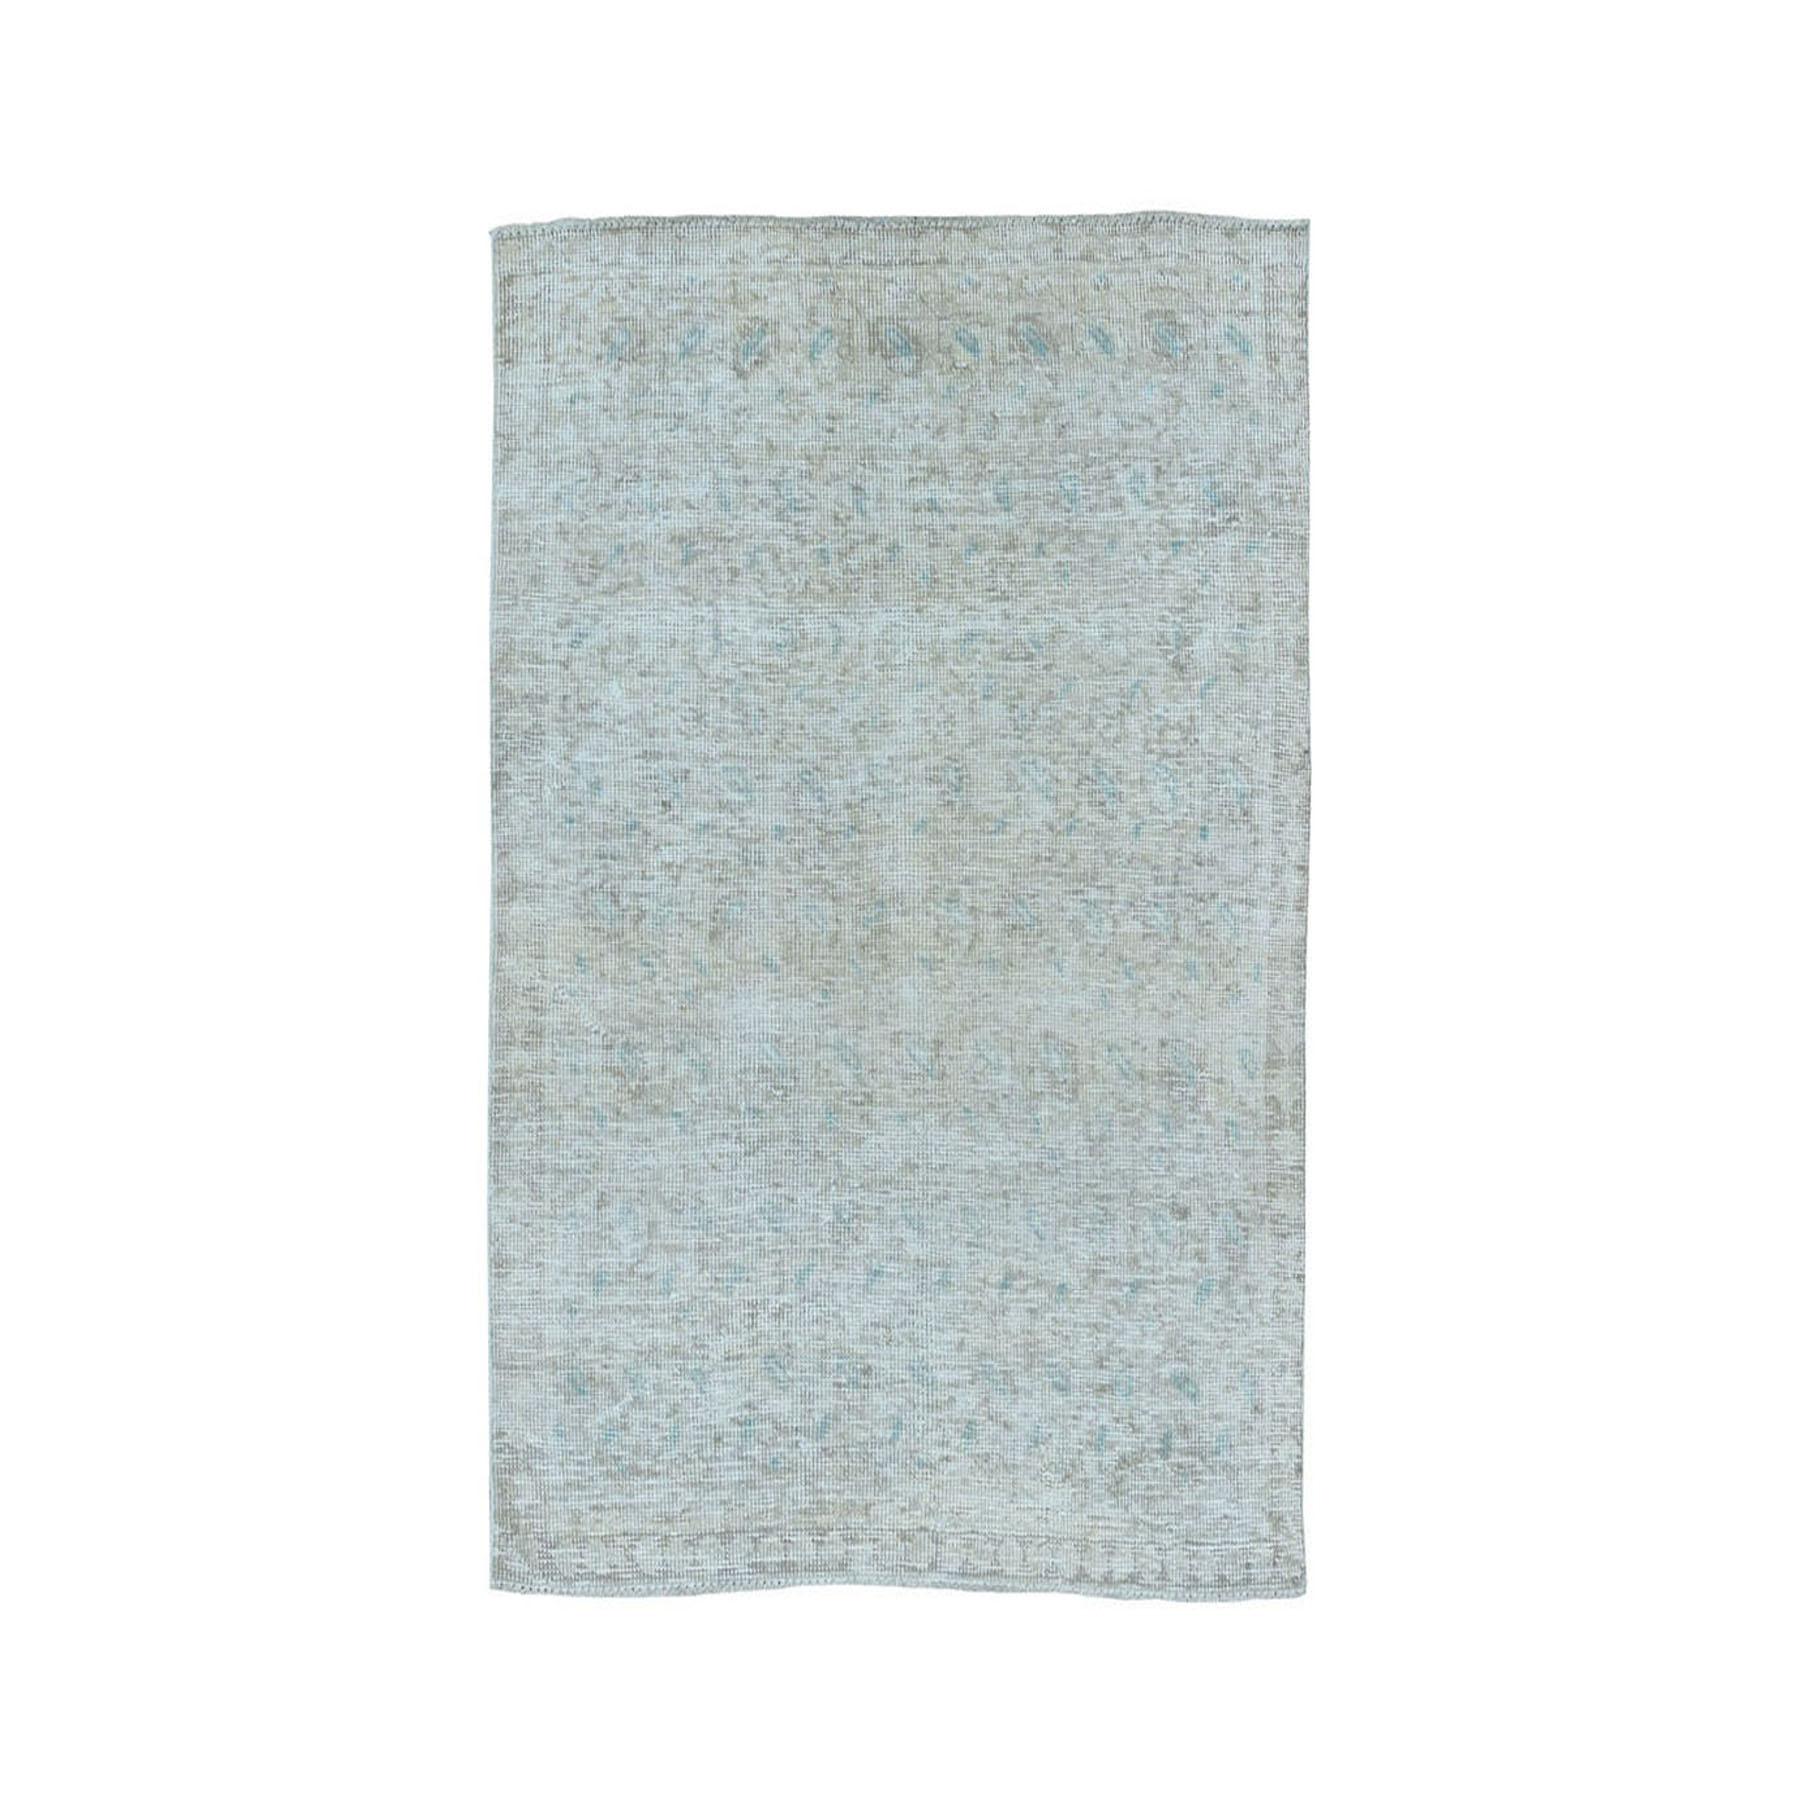 """3'1""""x4'4"""" Vintage White Wash Tabriz Worn Wool Hand-Knotted Oriental Rug 50723"""